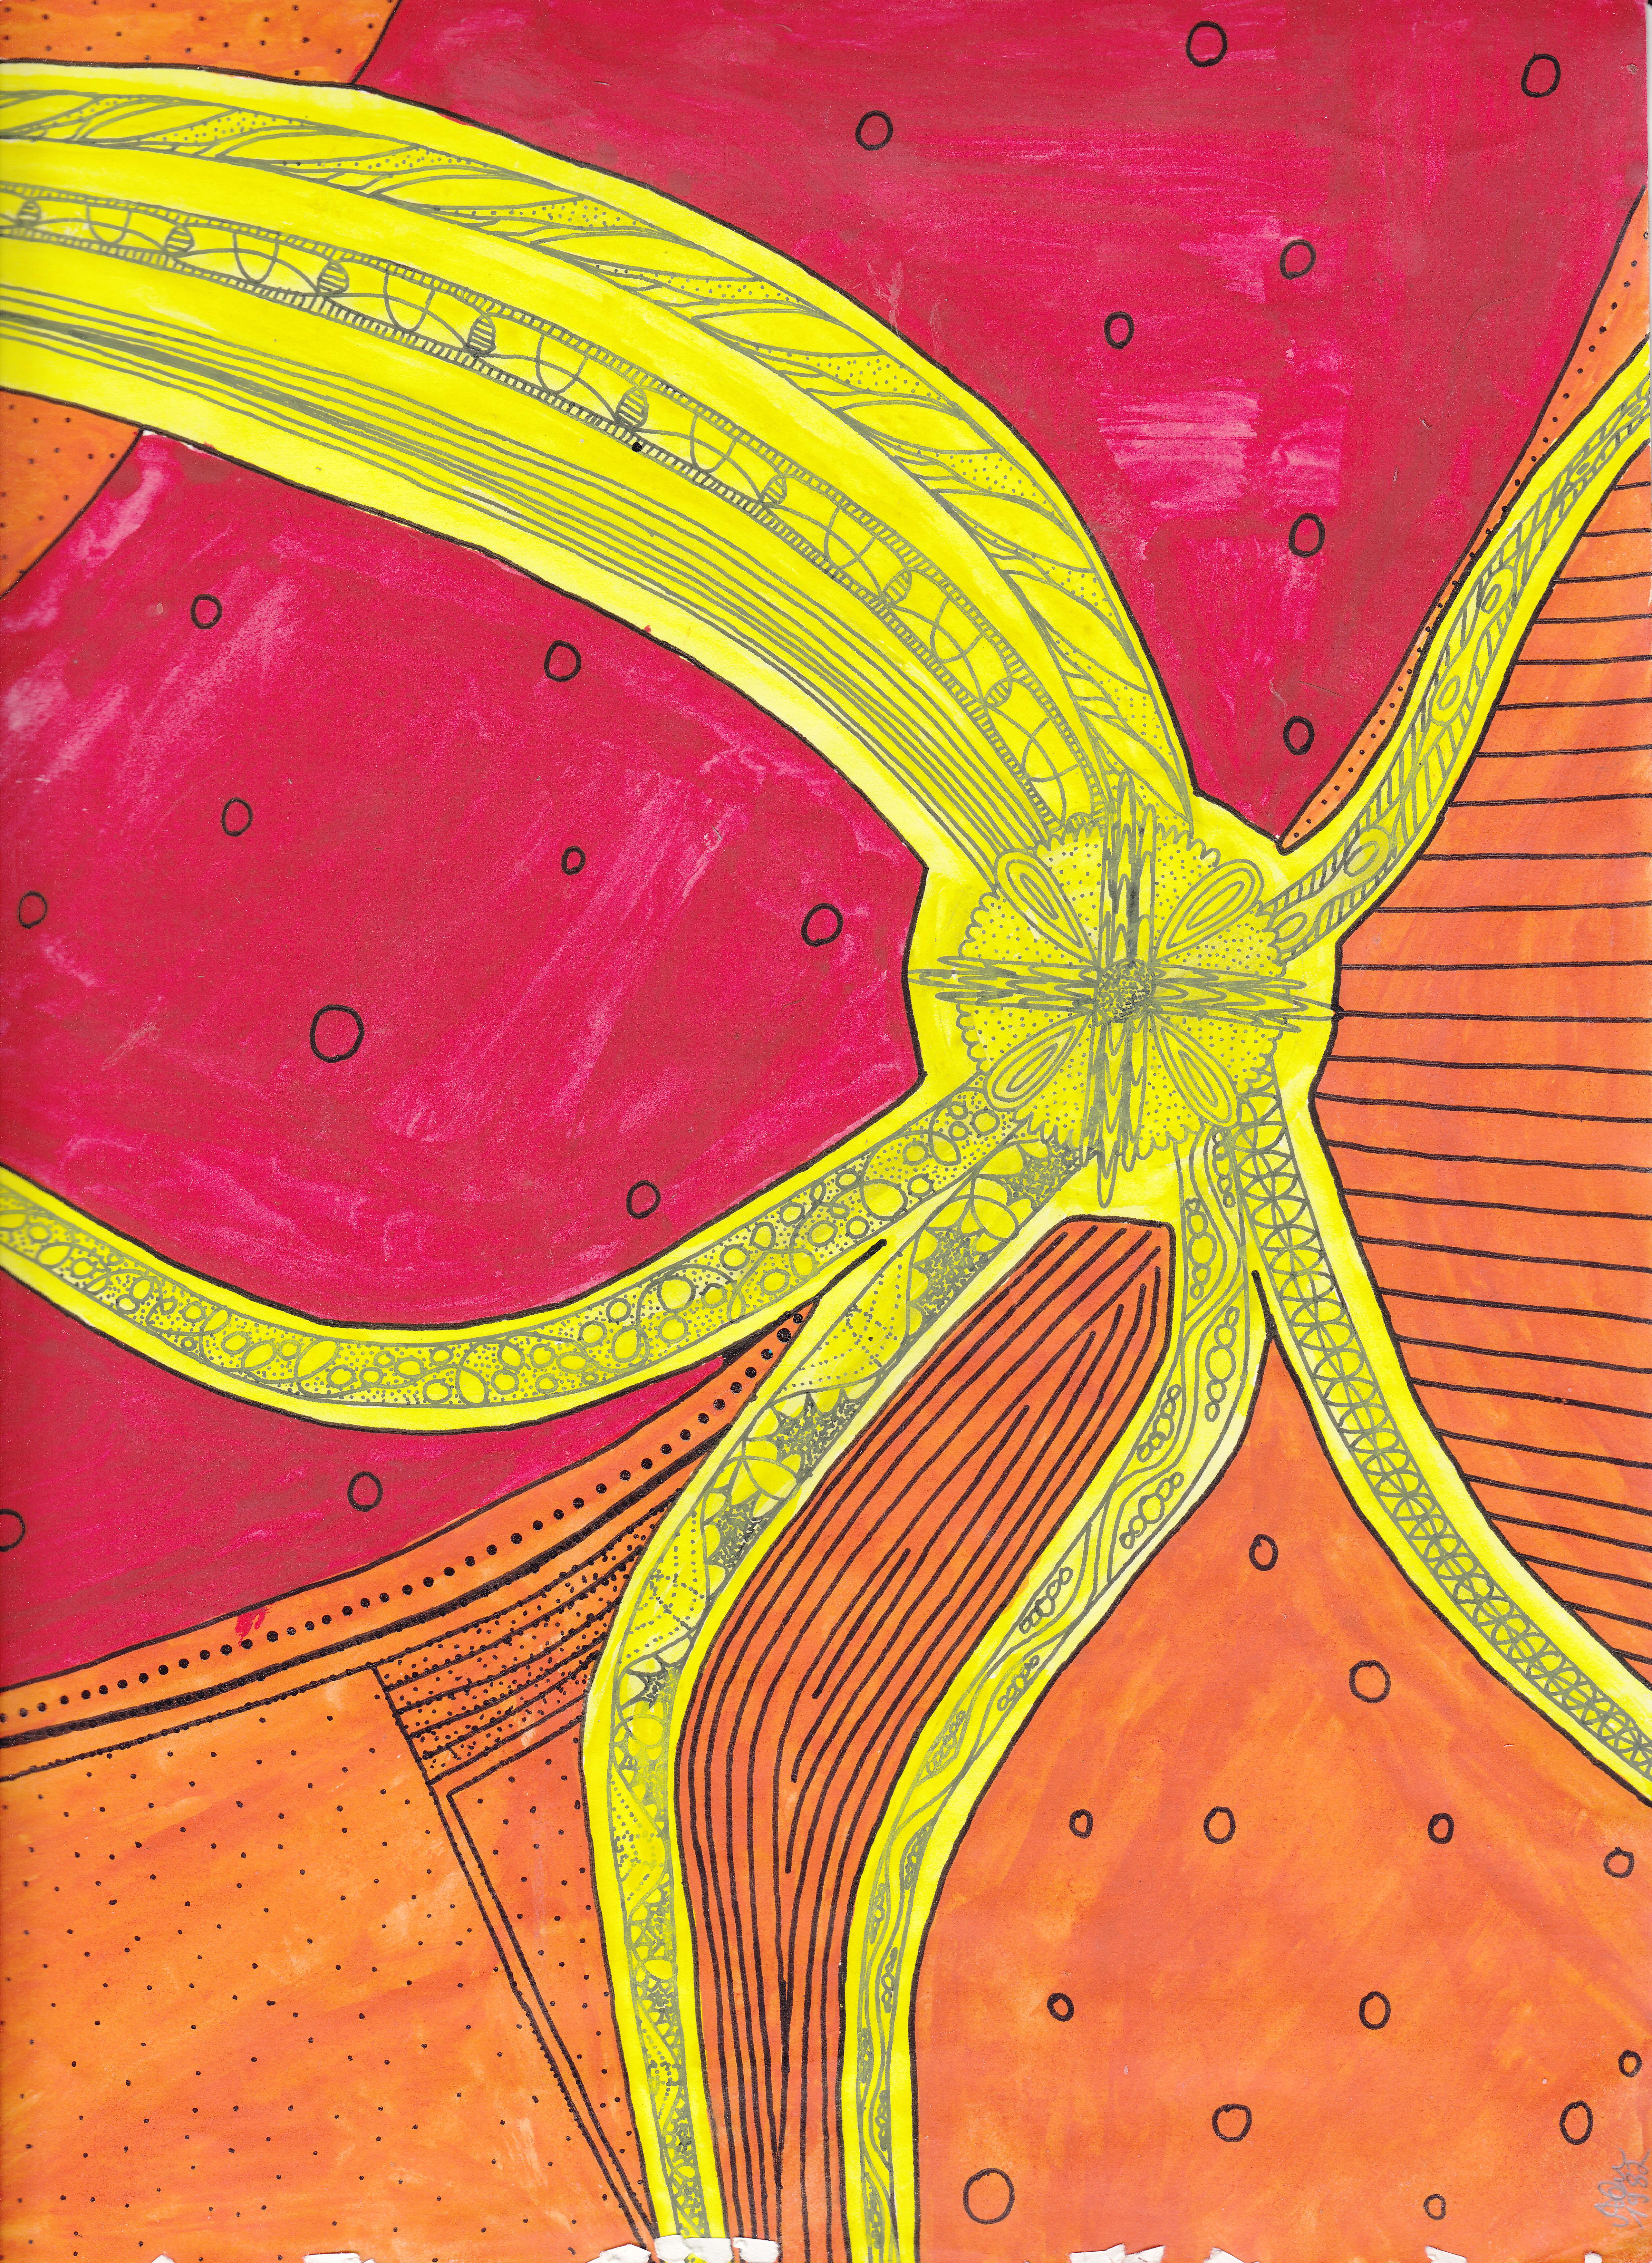 Krakenmuster 3; Tusche, Wasserfarben; 1981; imachd.